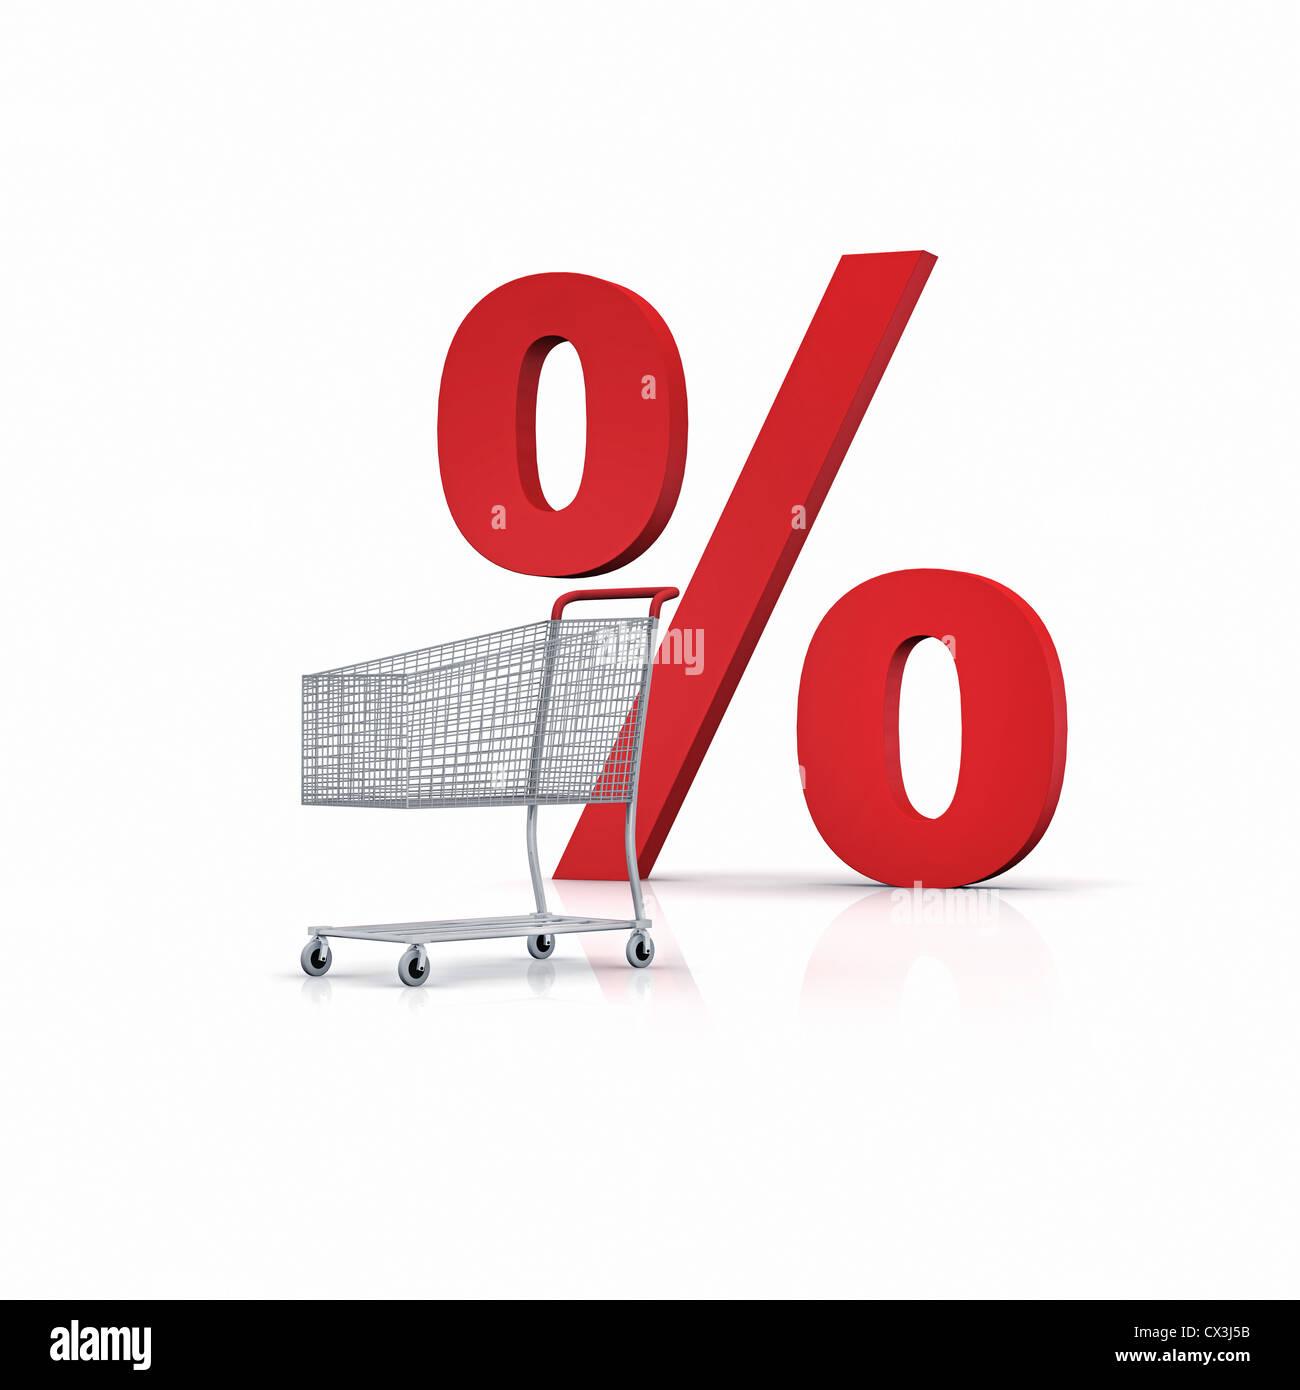 Einkaufswagen mit rotem Prozentzeichen auf weissem Hintergrund - silver shopping cart with percentage sign on white - Stock Image